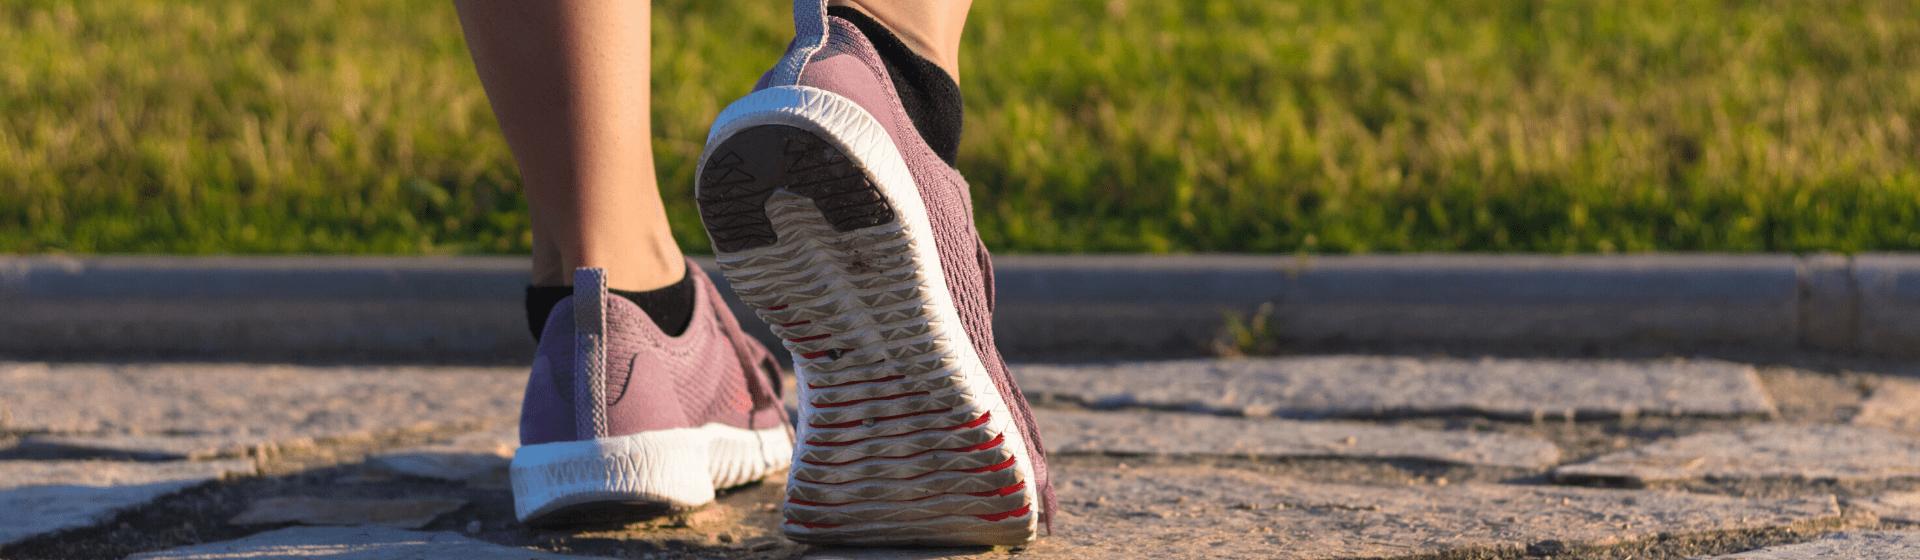 Tênis para caminhada mais vendidos em abril de 2021